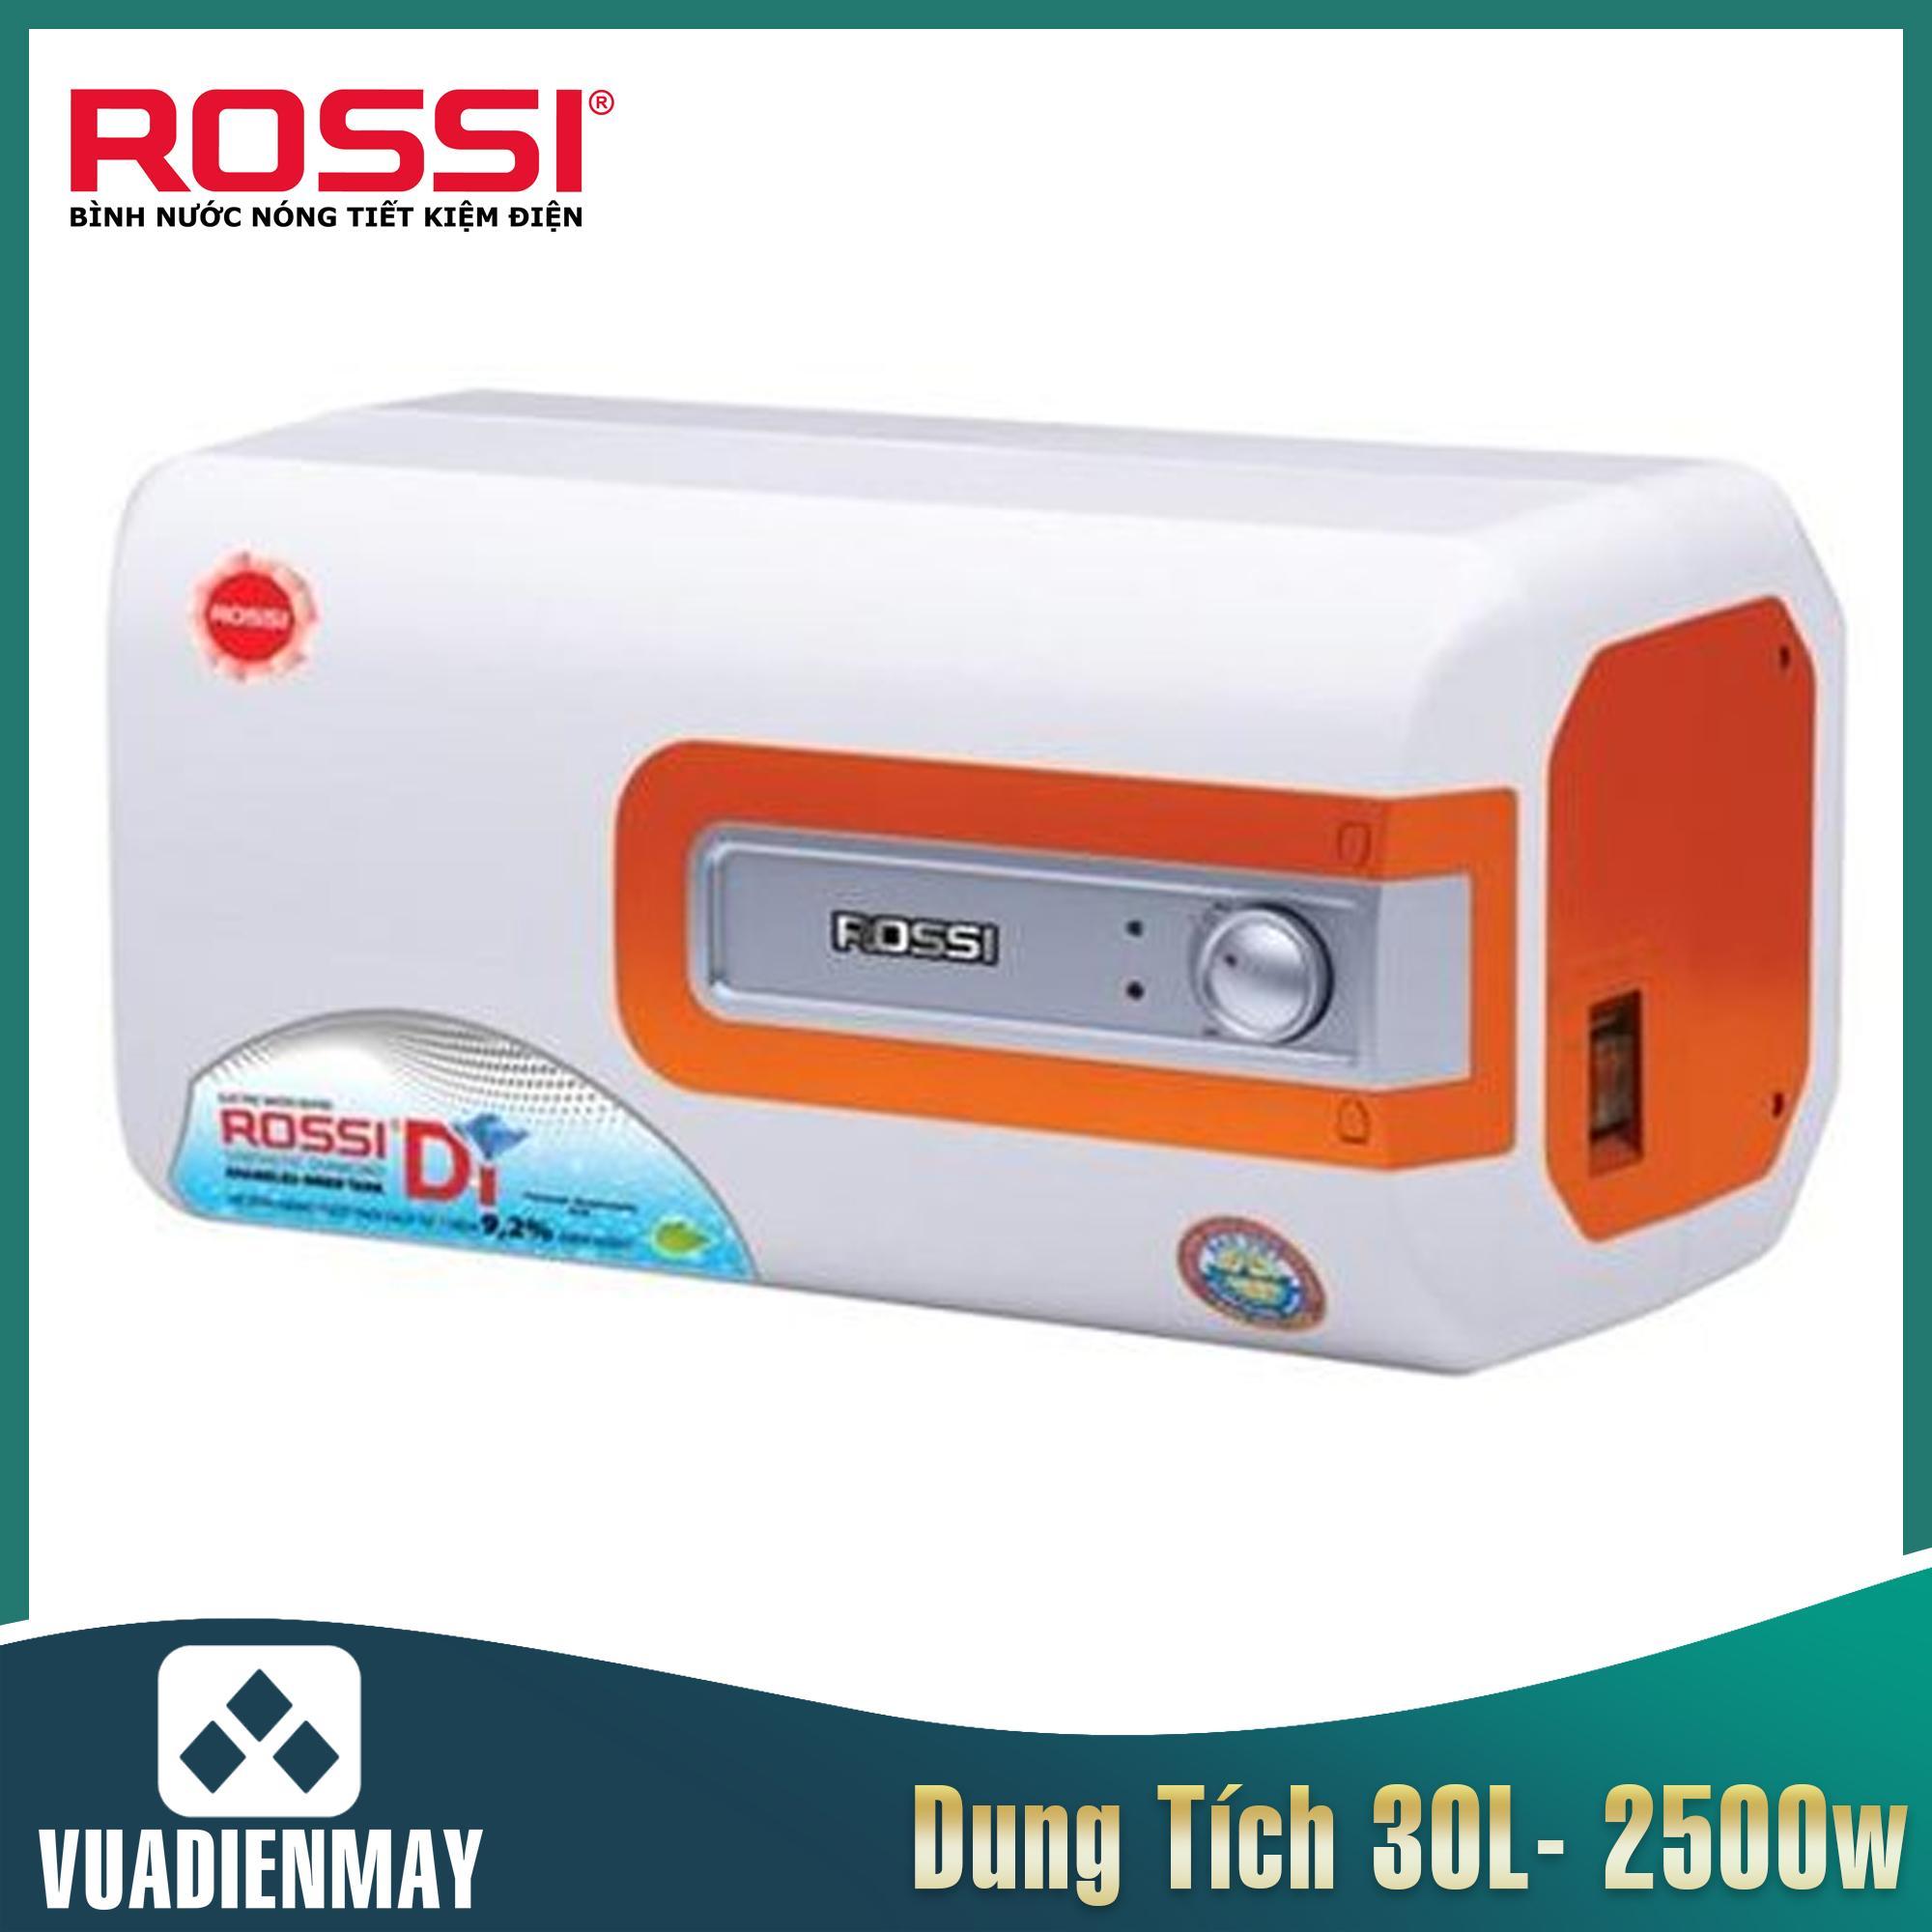 Bình nóng lạnh Rossi 30L